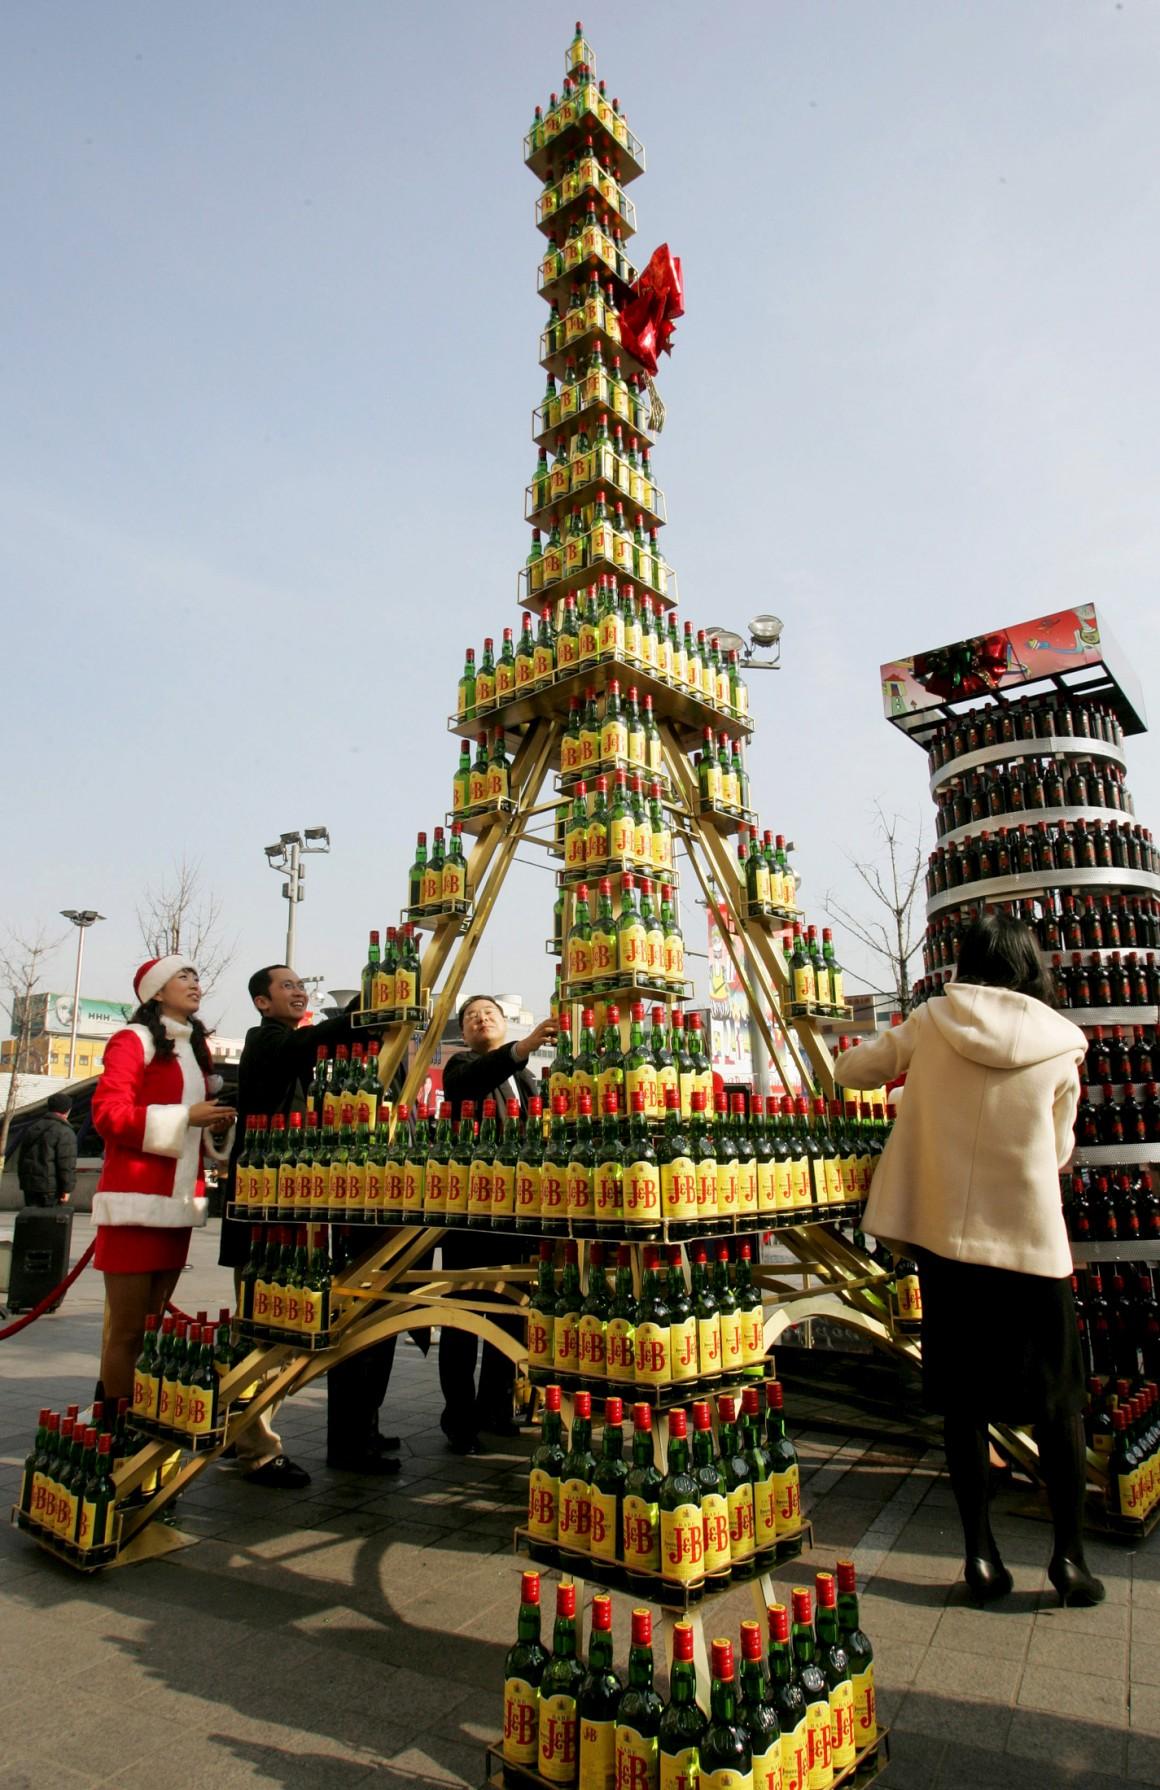 E agora uma versão etílica: feita de garrafas de whisky, serviu para um evento solidário. E isto em Seul, Coreia do Sul.